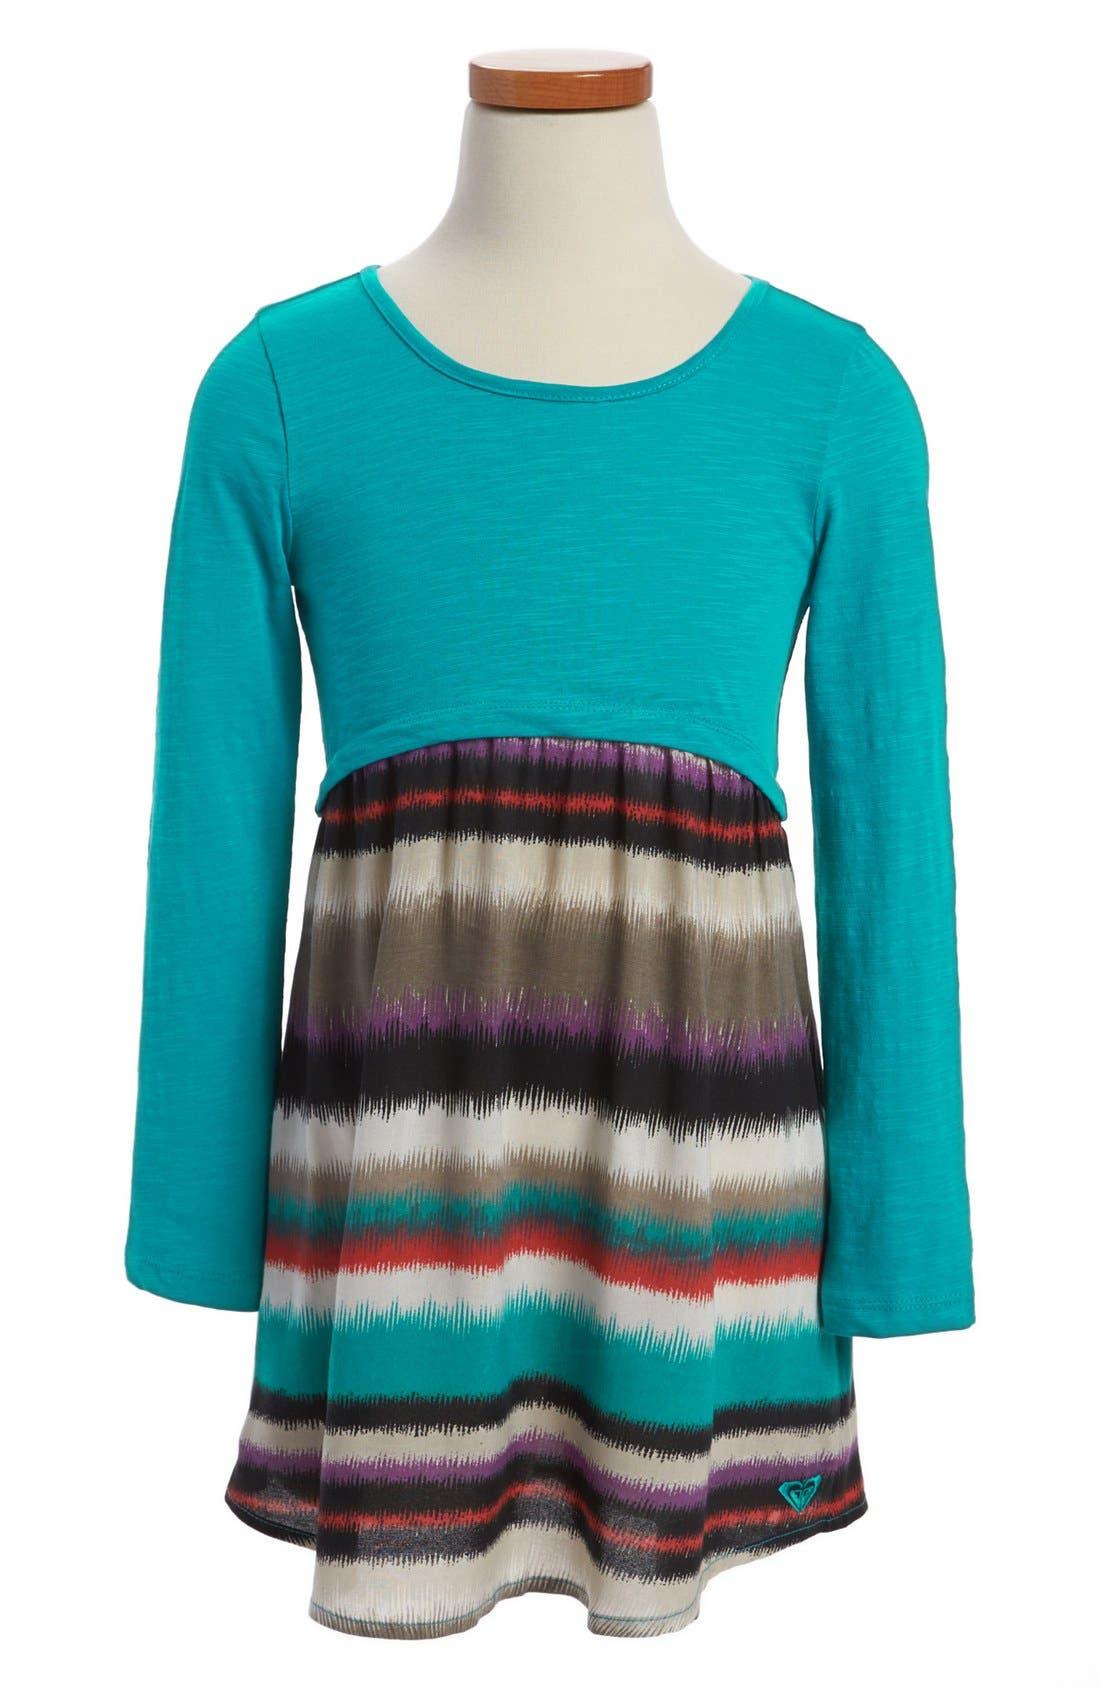 Alternate Image 1 Selected - Roxy Striped Skirt Dress (Toddler Girls)